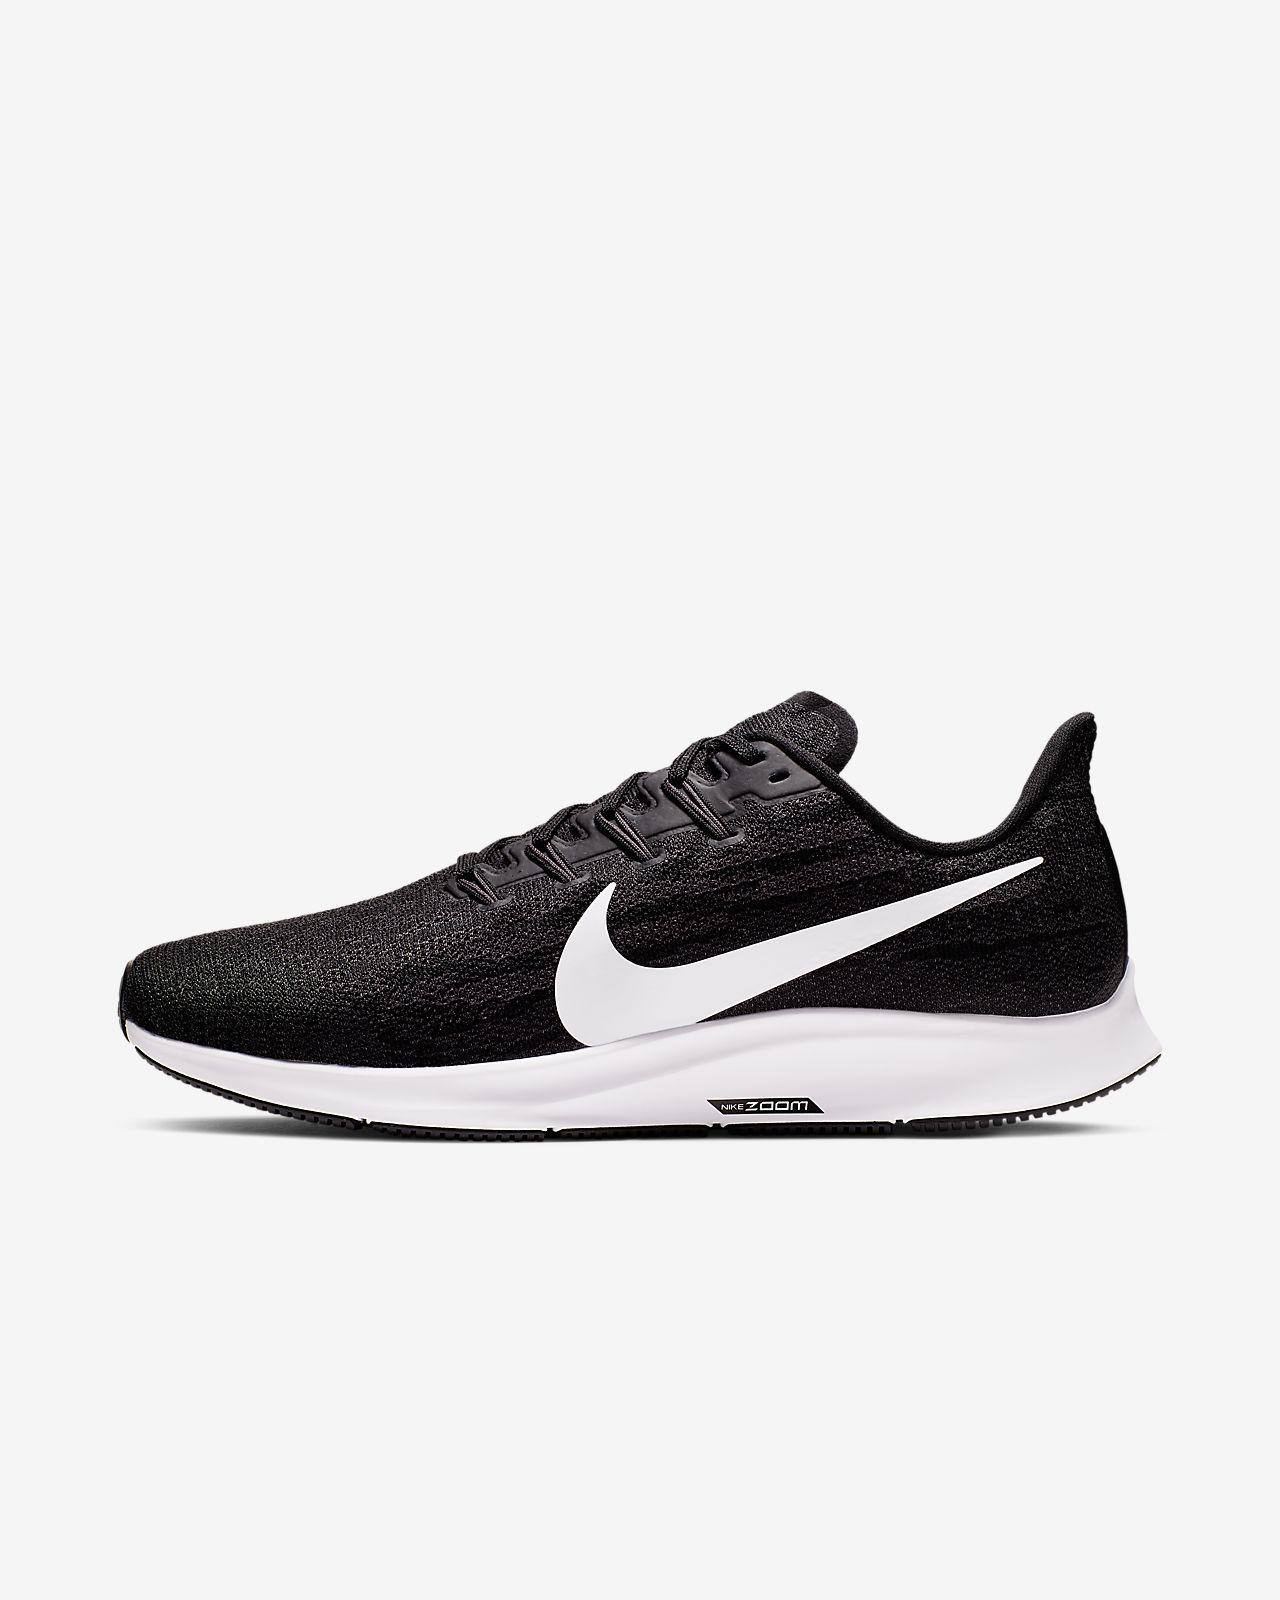 Pánská běžecká bota Nike Air Zoom Pegasus 36 (široké provedení)